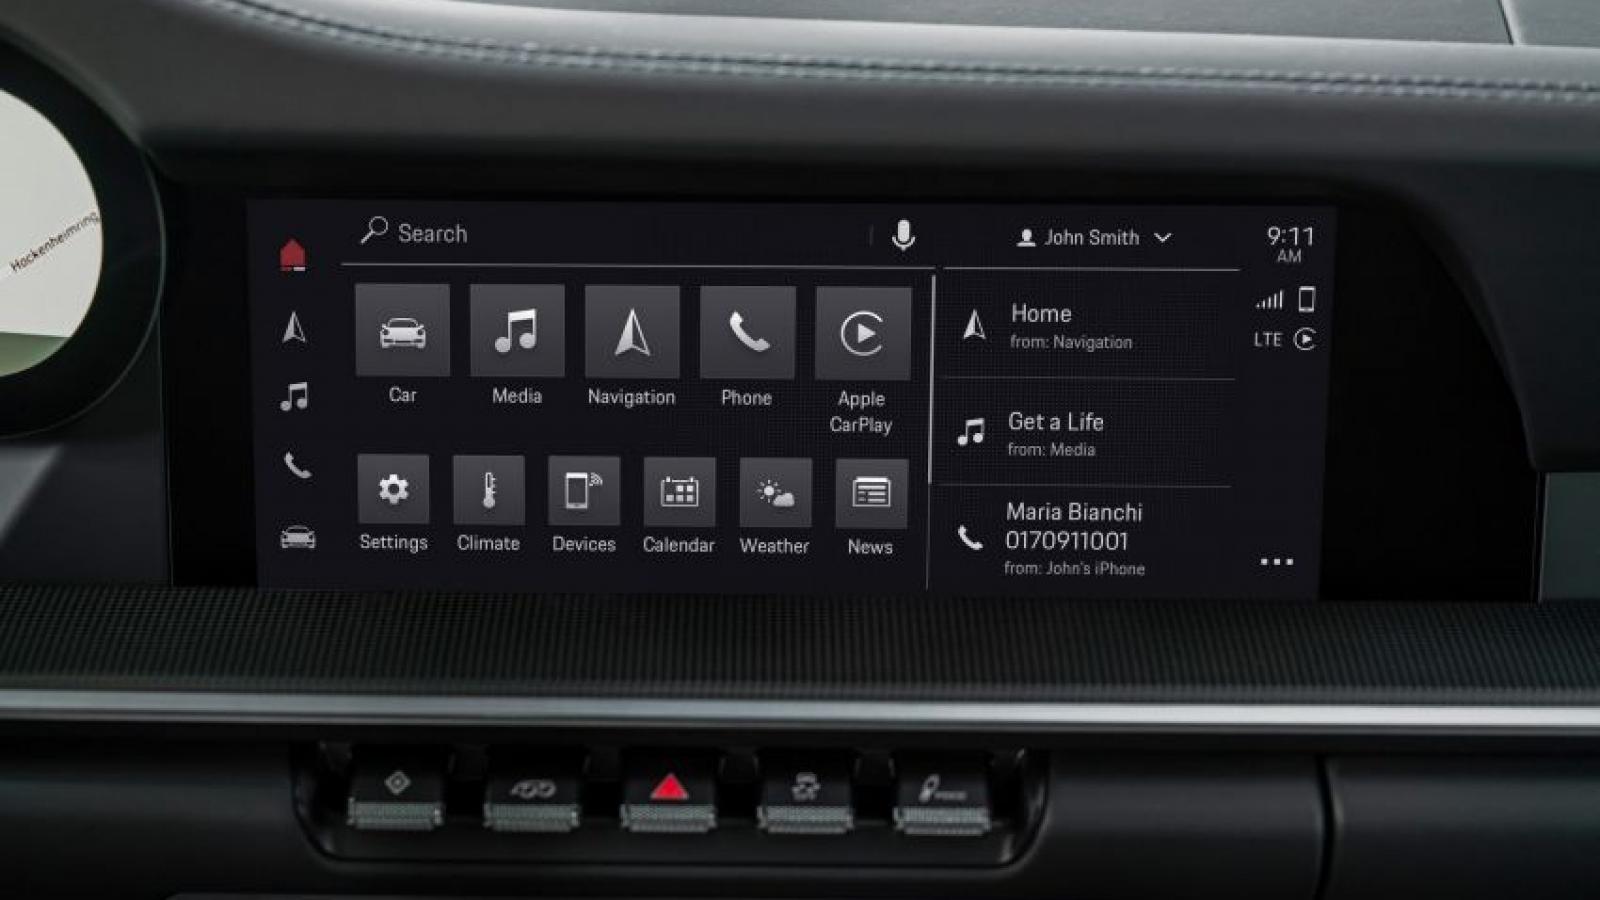 Porsche Communication Management 6.0 thú vị hơn với thiết kế giao diện người dùng mới